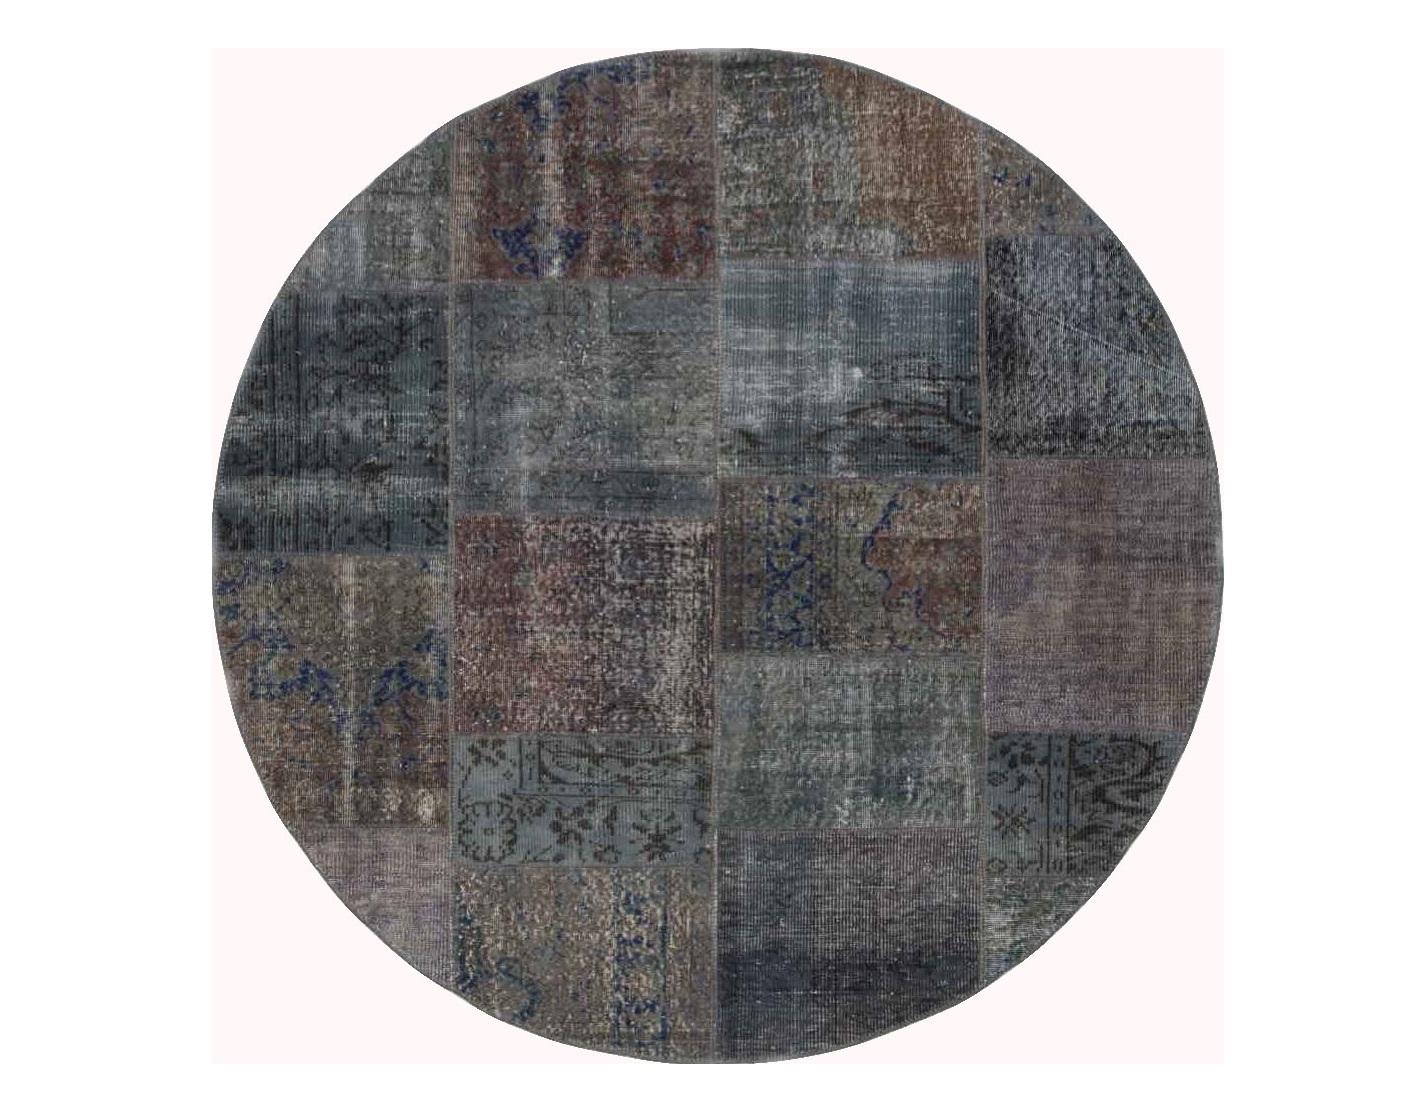 Ковер PatchworkКруглые ковры<br>Винтажный ковер ручной работы в стиле &amp;quot;пэчворк&amp;quot; <br>из 100% шерсти. Ковер прекрасно подходит в <br>любые современные и классические интерьеры, <br>а благодаря толщине ковра всего 5 мм и отсутствию <br>ворса, его легко чистить любыми видами пылесосов. <br>Этот настоящий ковер ручной работы не потеряет <br>своих красок и будет служить десятилетия.<br><br>Material: Шерсть<br>Width см: None<br>Depth см: None<br>Diameter см: 200